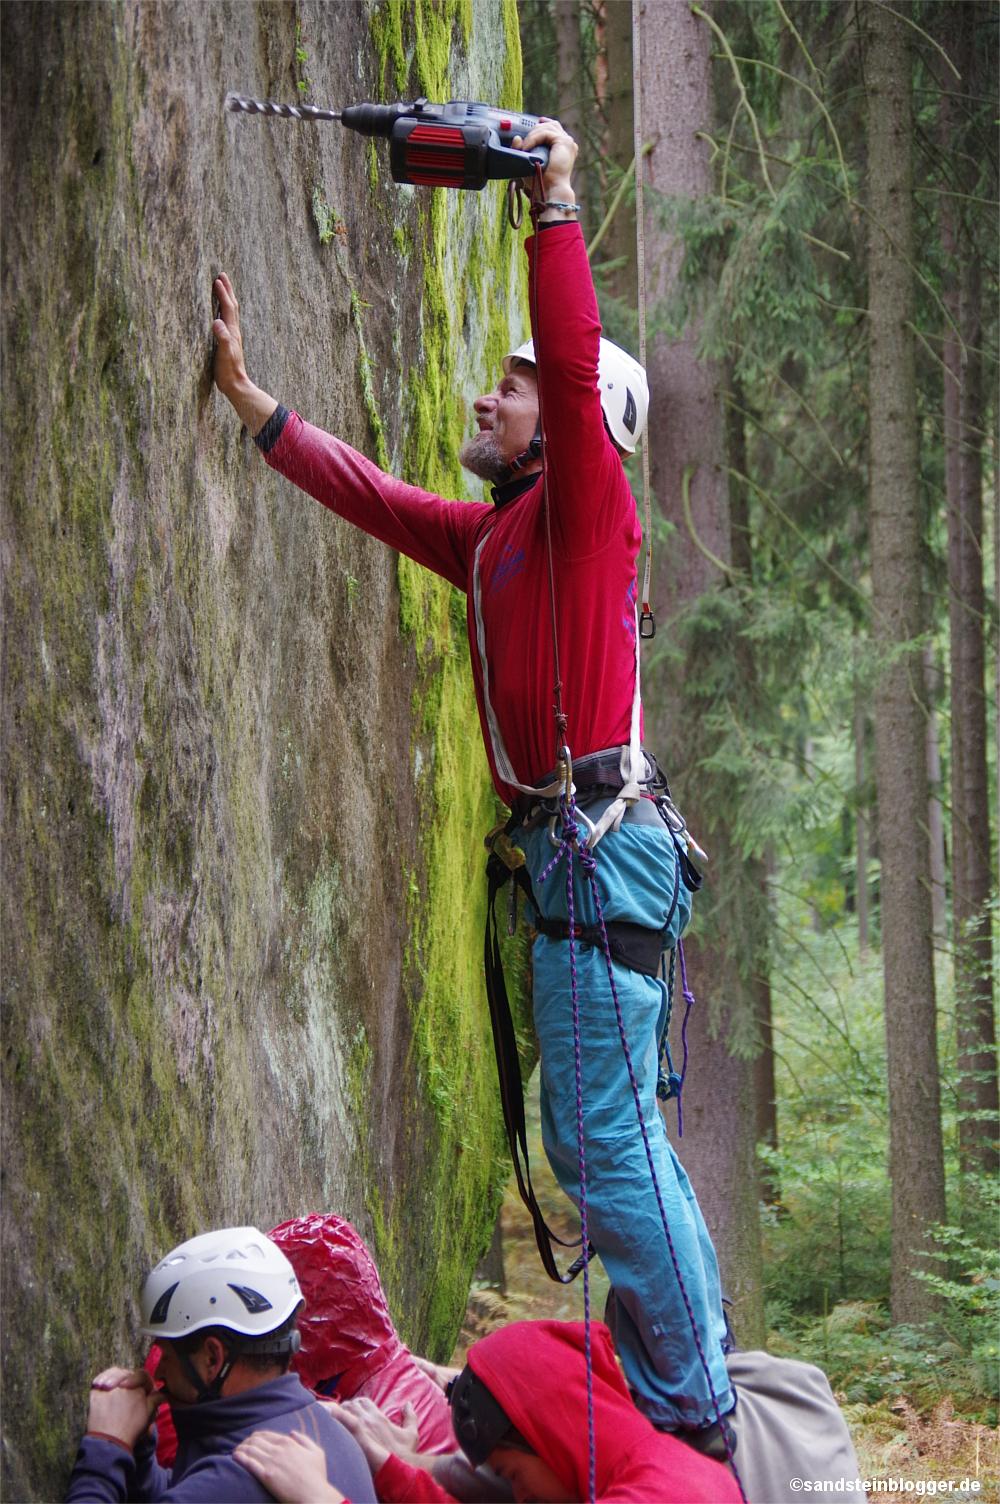 Mann bohrt ein Loch in die Felswand